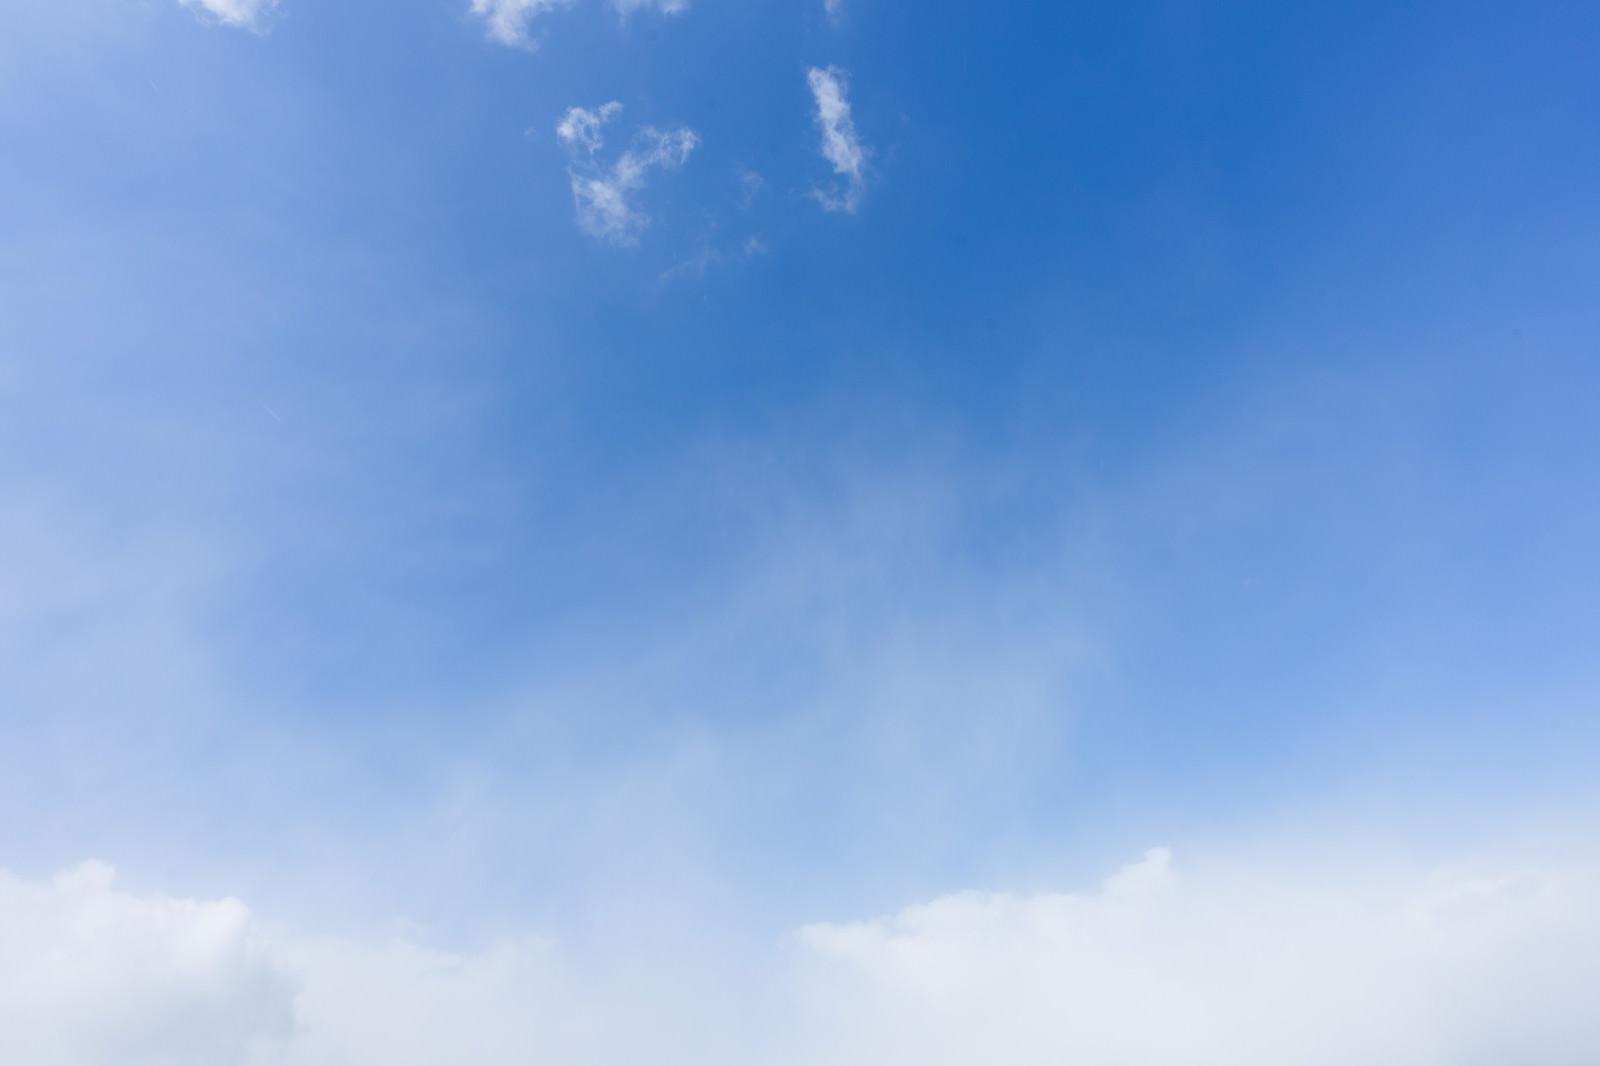 「少し雲が出てきた空少し雲が出てきた空」のフリー写真素材を拡大